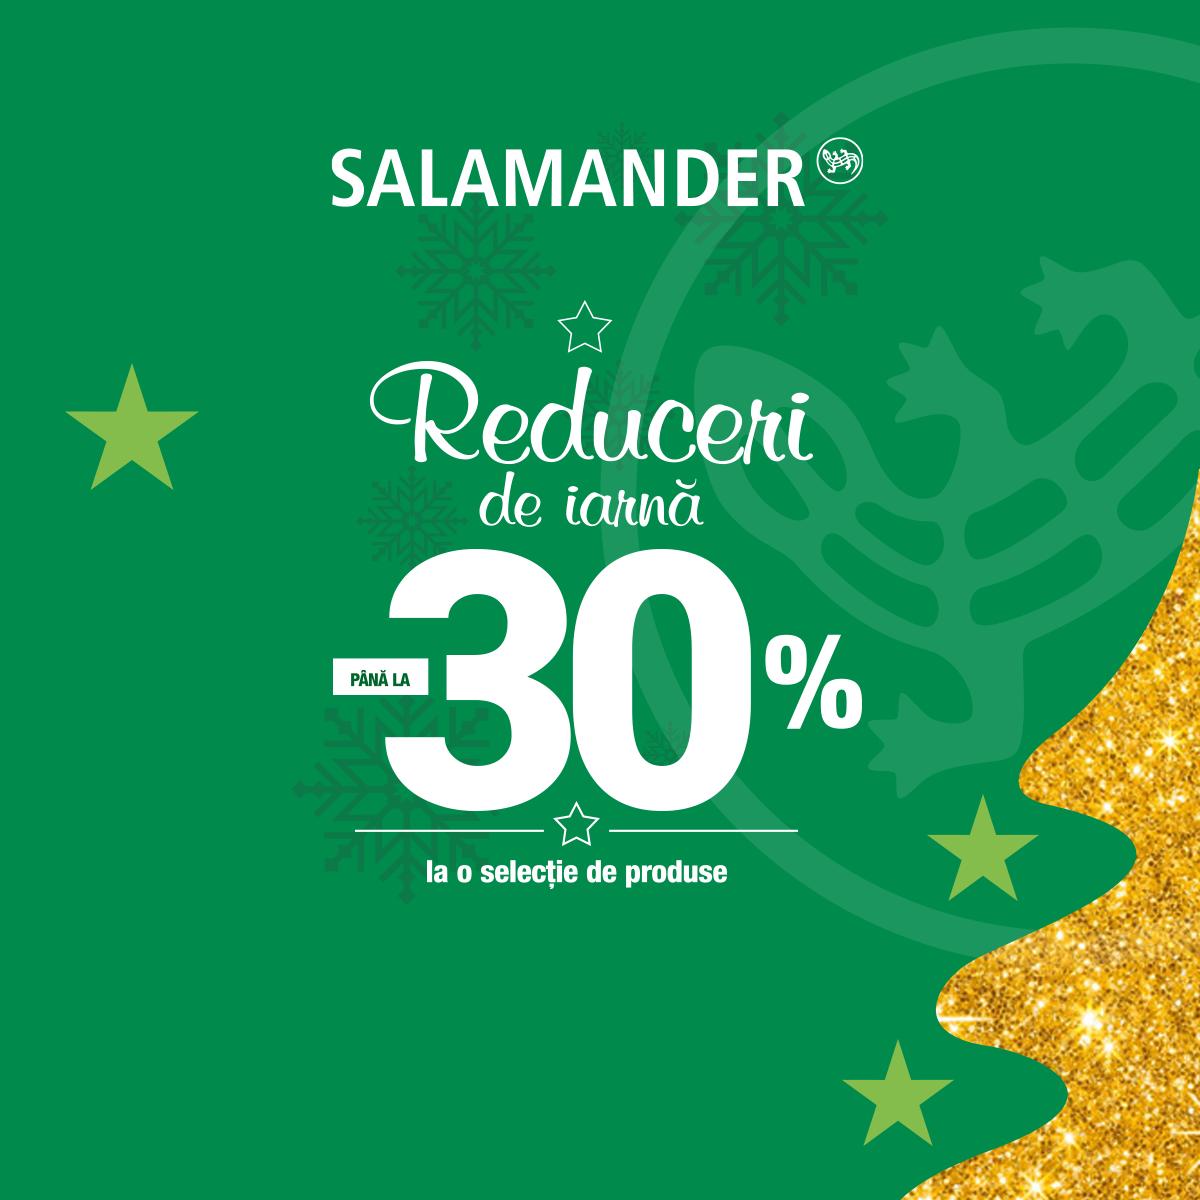 salamander+reducere+2018+felicia